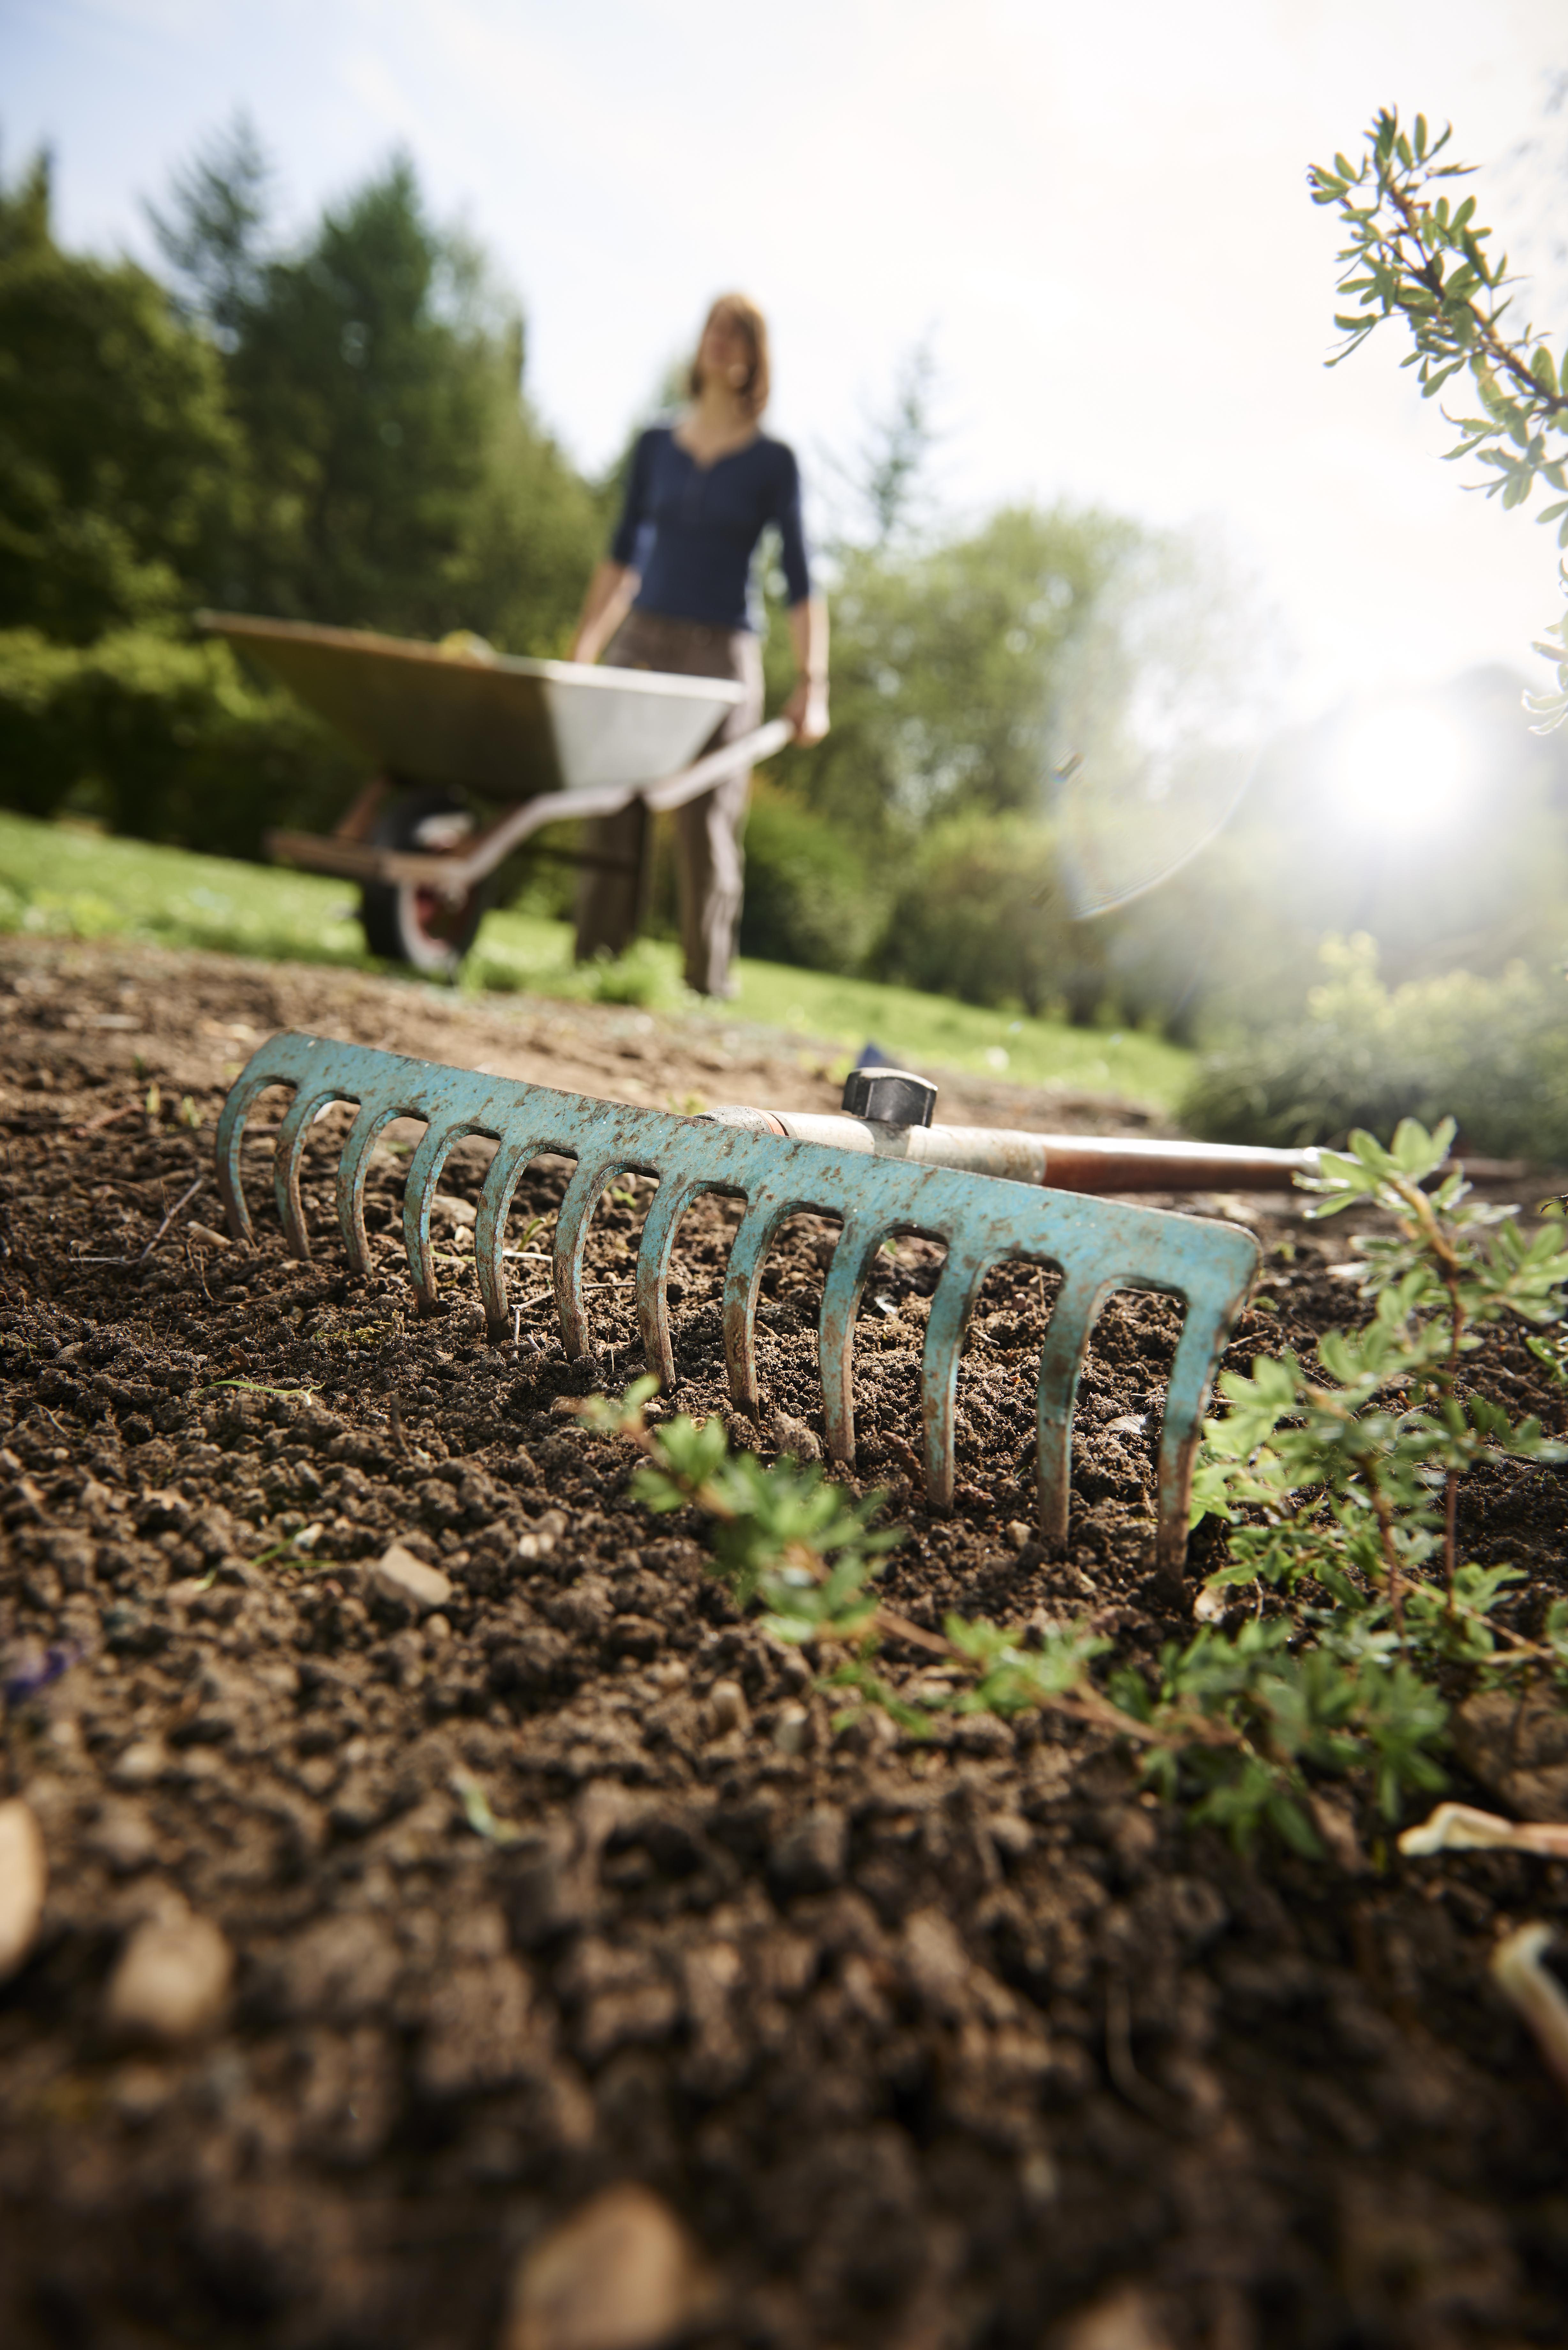 Tuingrond, grond, aarde, tuinieren, zand